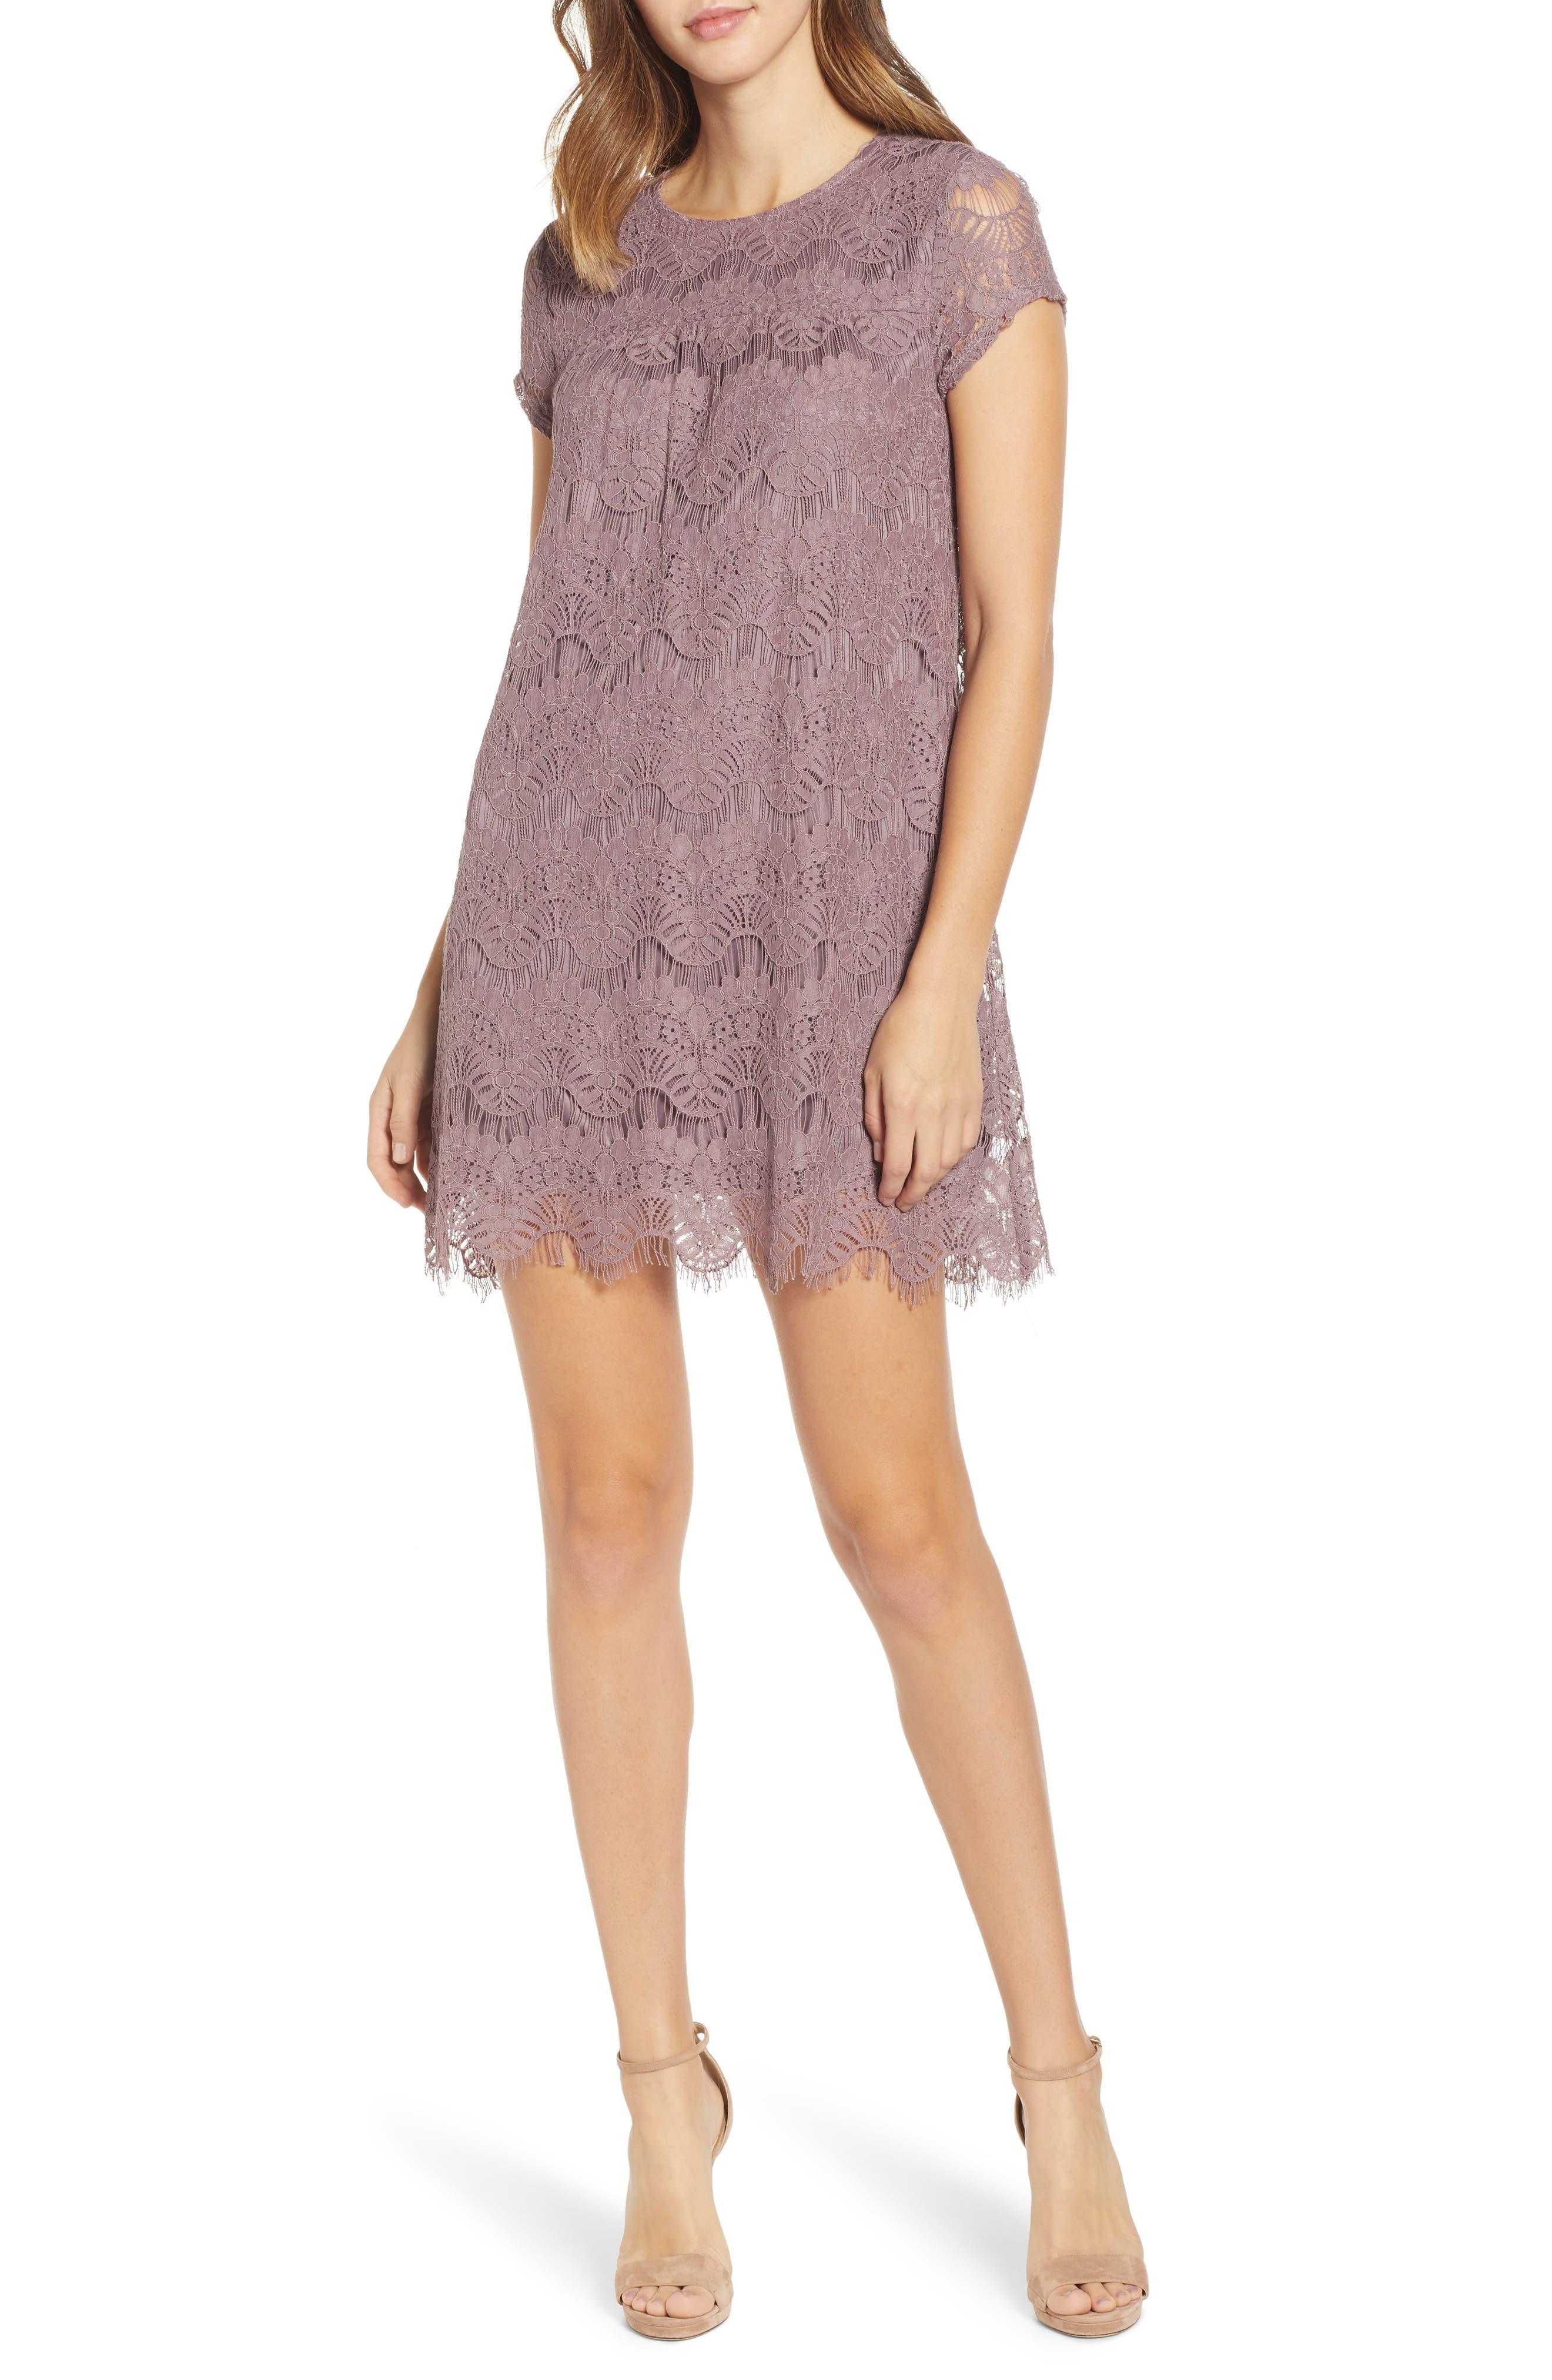 Speechless Lace Shift Dress